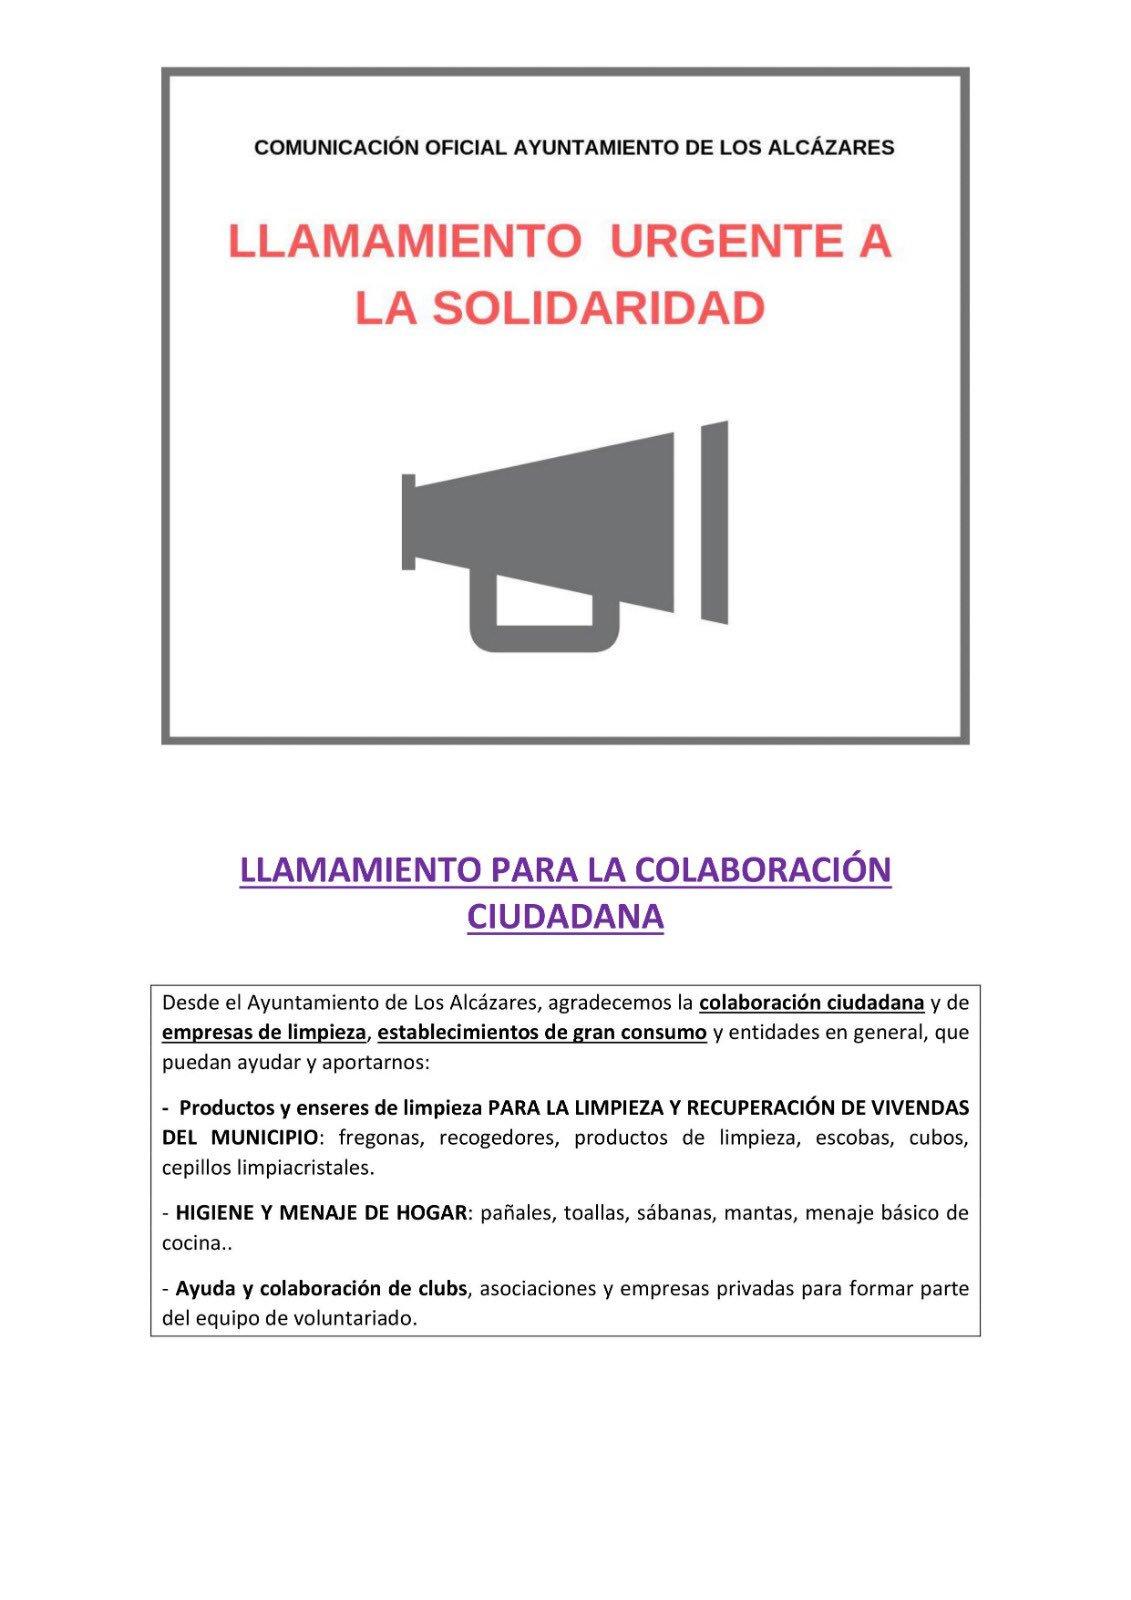 #DANARMurcia Los Alcazares